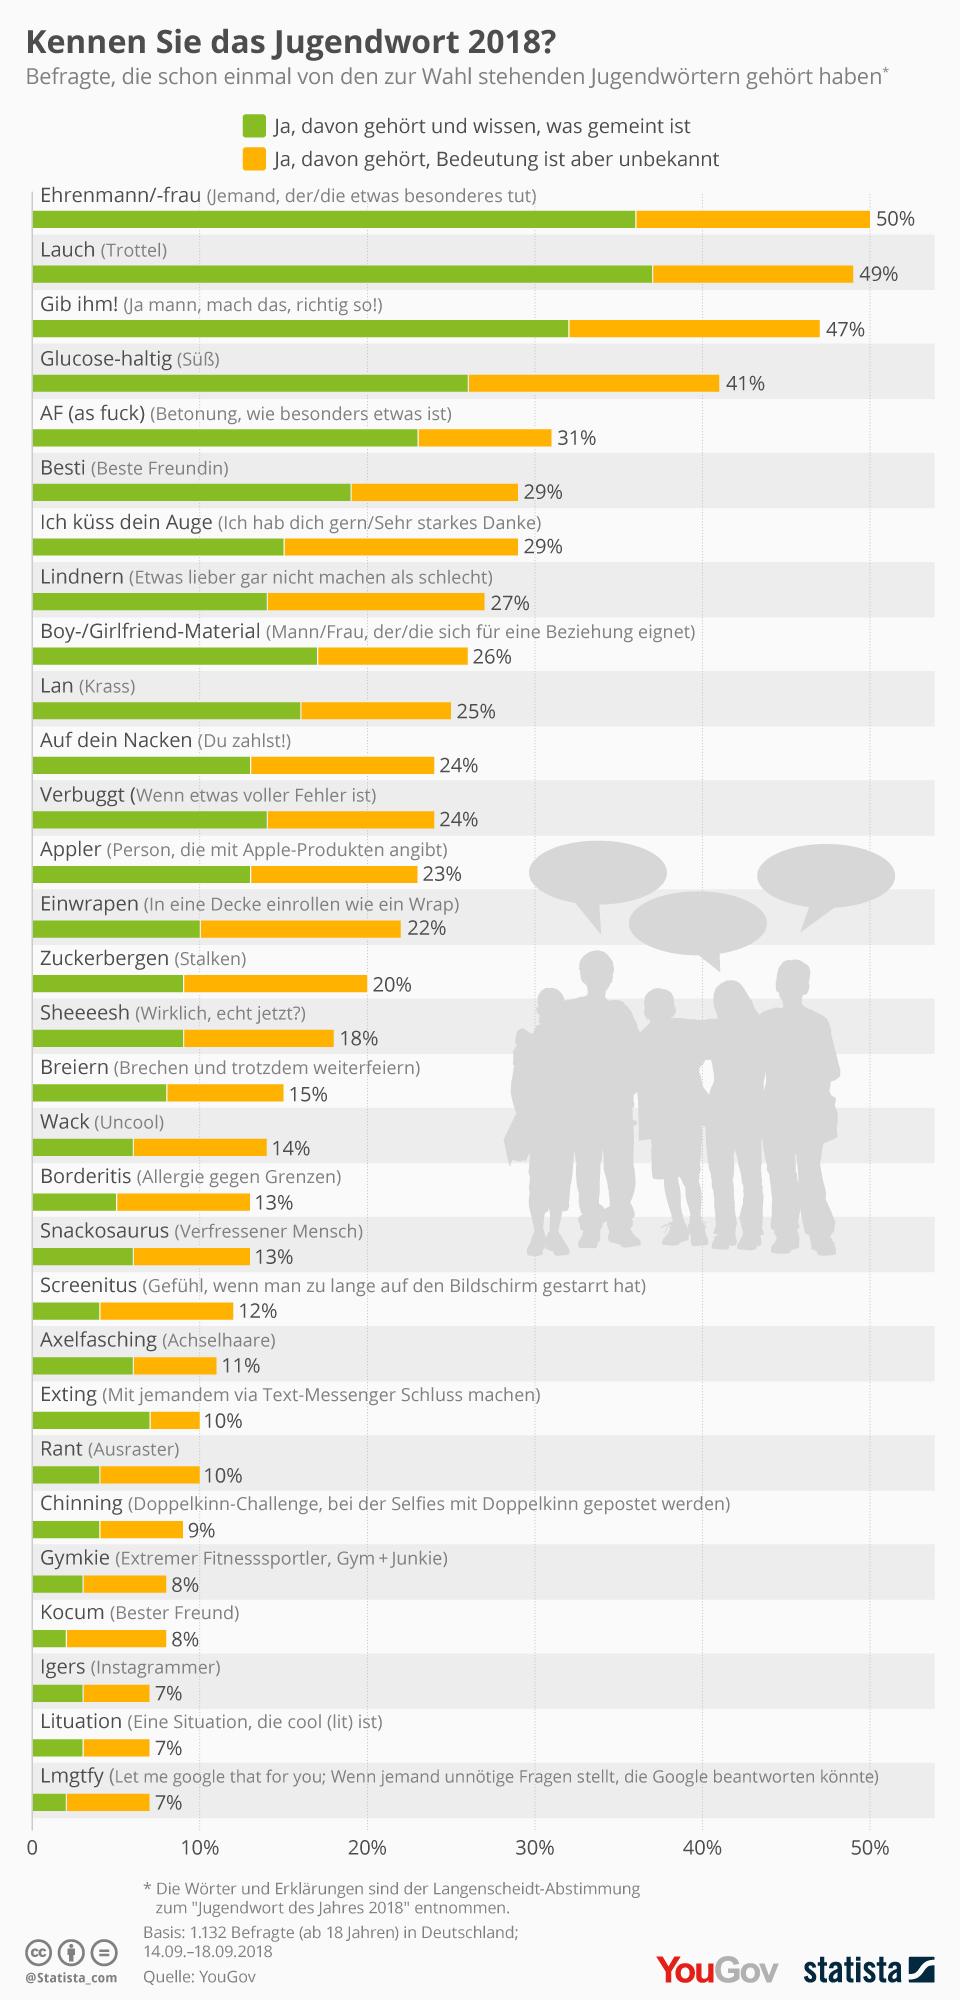 Infografik: Kennen Sie das Jugendwort 2018? | Statista